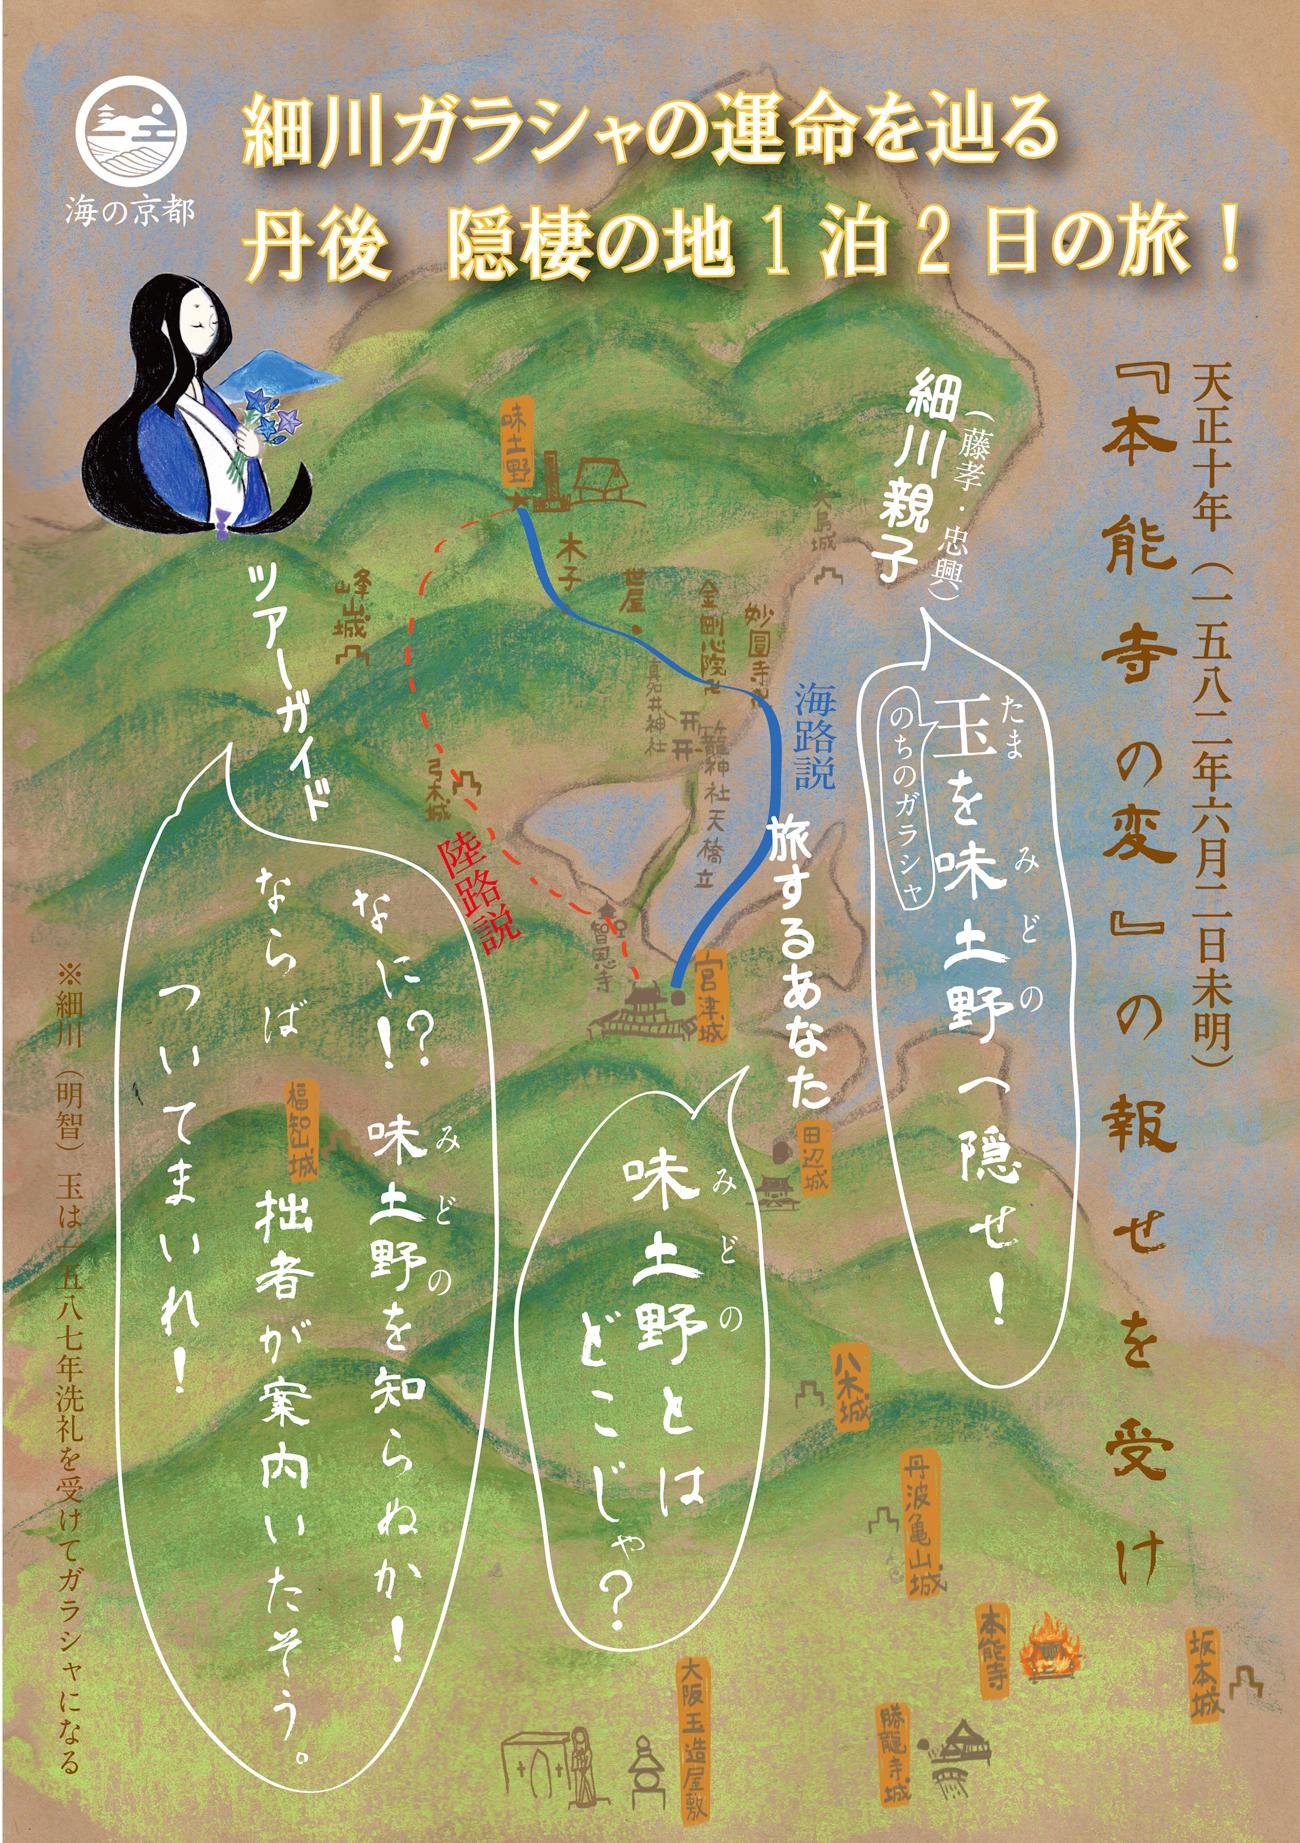 ガラシャ古道の旅プロジェクト